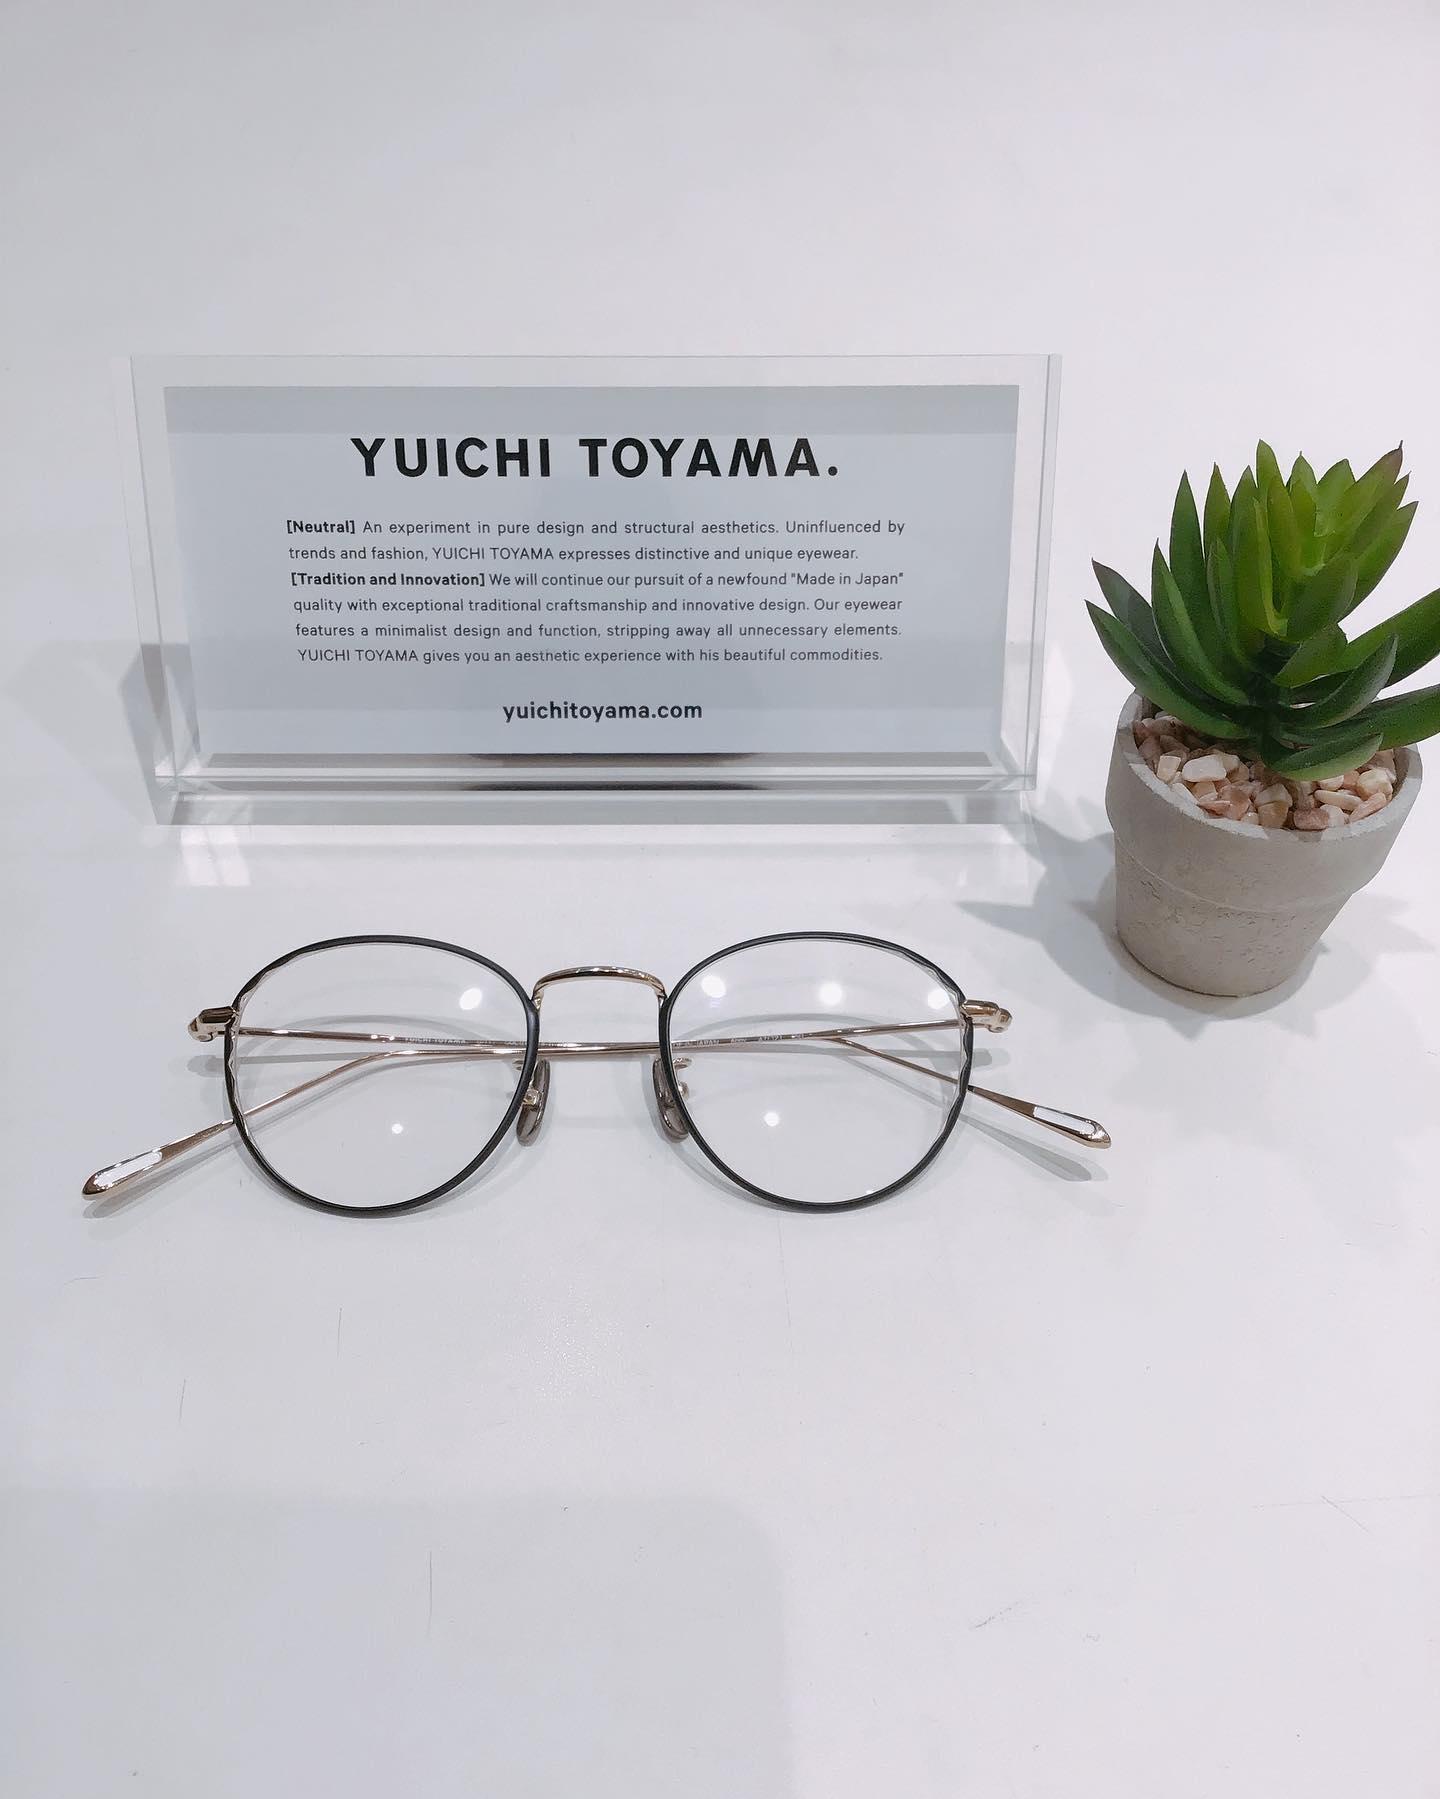 YUICHI TOYAMAユウイチトヤマPic1&2品番:U−117カラ:01当店で人気のCookieコレクションに新型が登場しました️クッキーをイメージしたフレームです3つのデザインで、どれもかけやすいですよ#yuichitoyama #ユウイチトヤマ #cookie #クッキー #eyewear #アイウェア #眼鏡 #メガネ #めがね #長崎 #ココウォーク #福岡 #リバーウォーク北九州 #神奈川 #ららぽーと湘南平塚